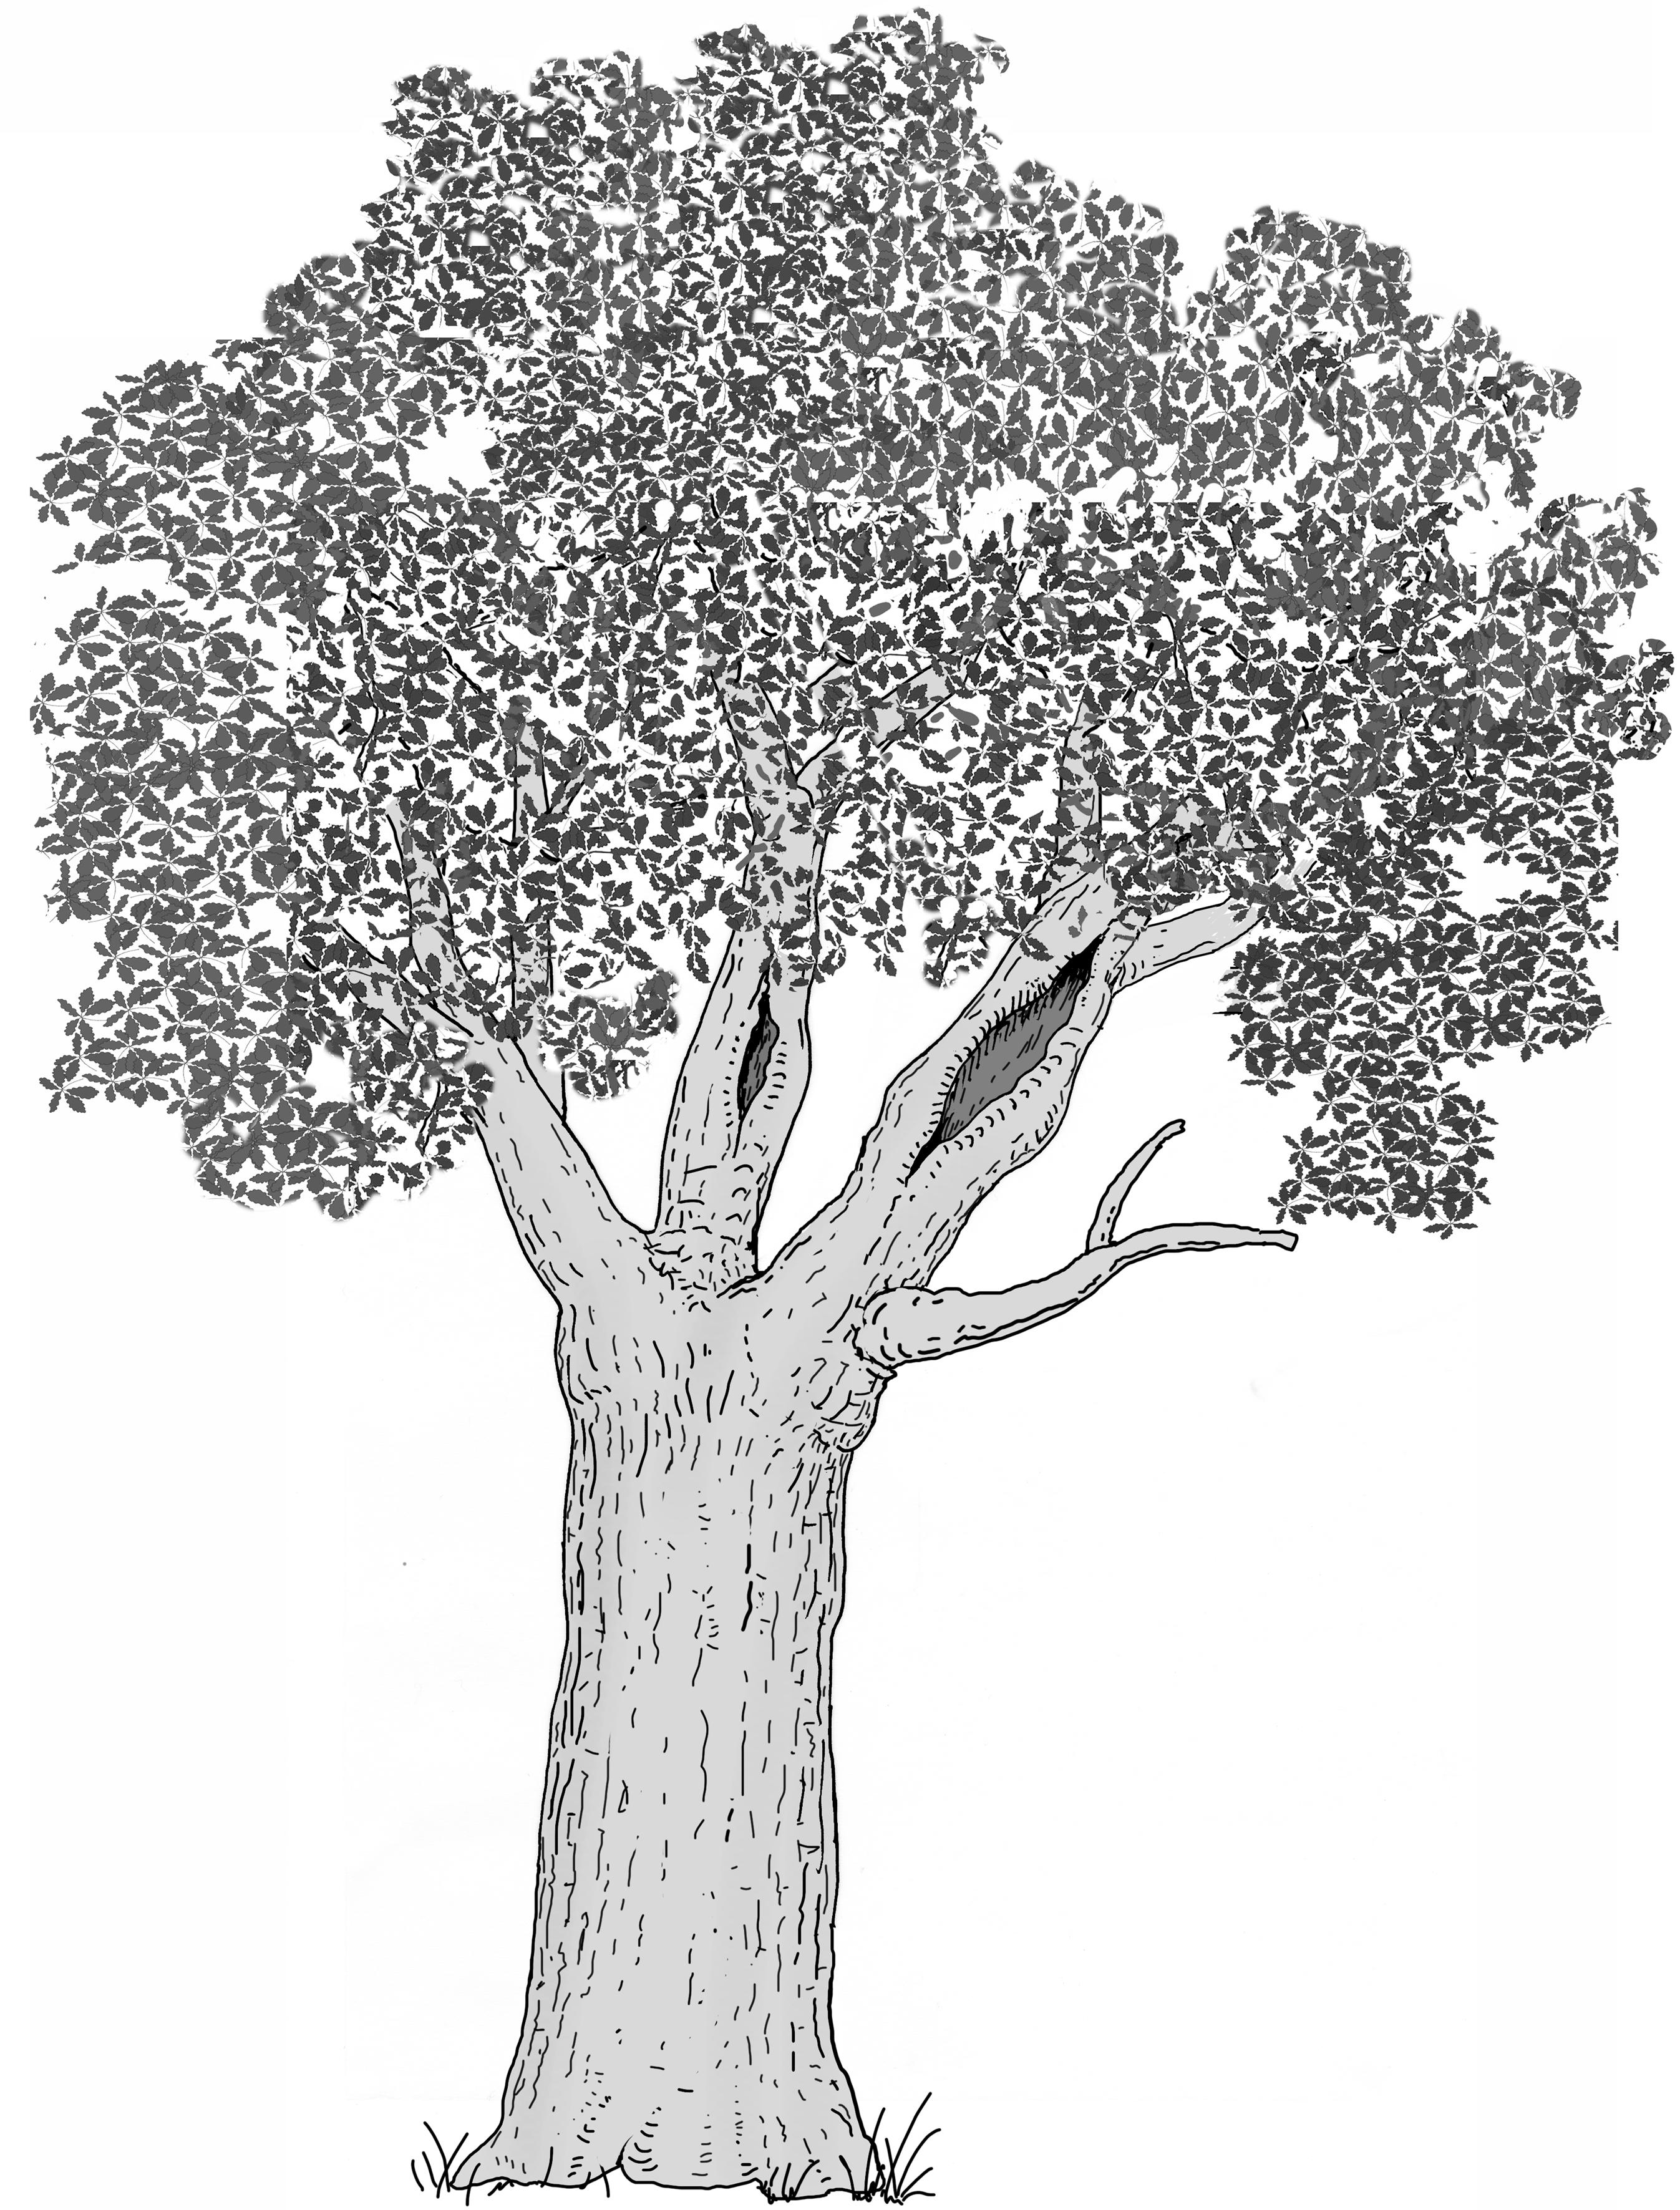 Ausgedehnte Holzzersetzung in der Krone (Starkast/Stämmling). Zeichnung W. Roloff